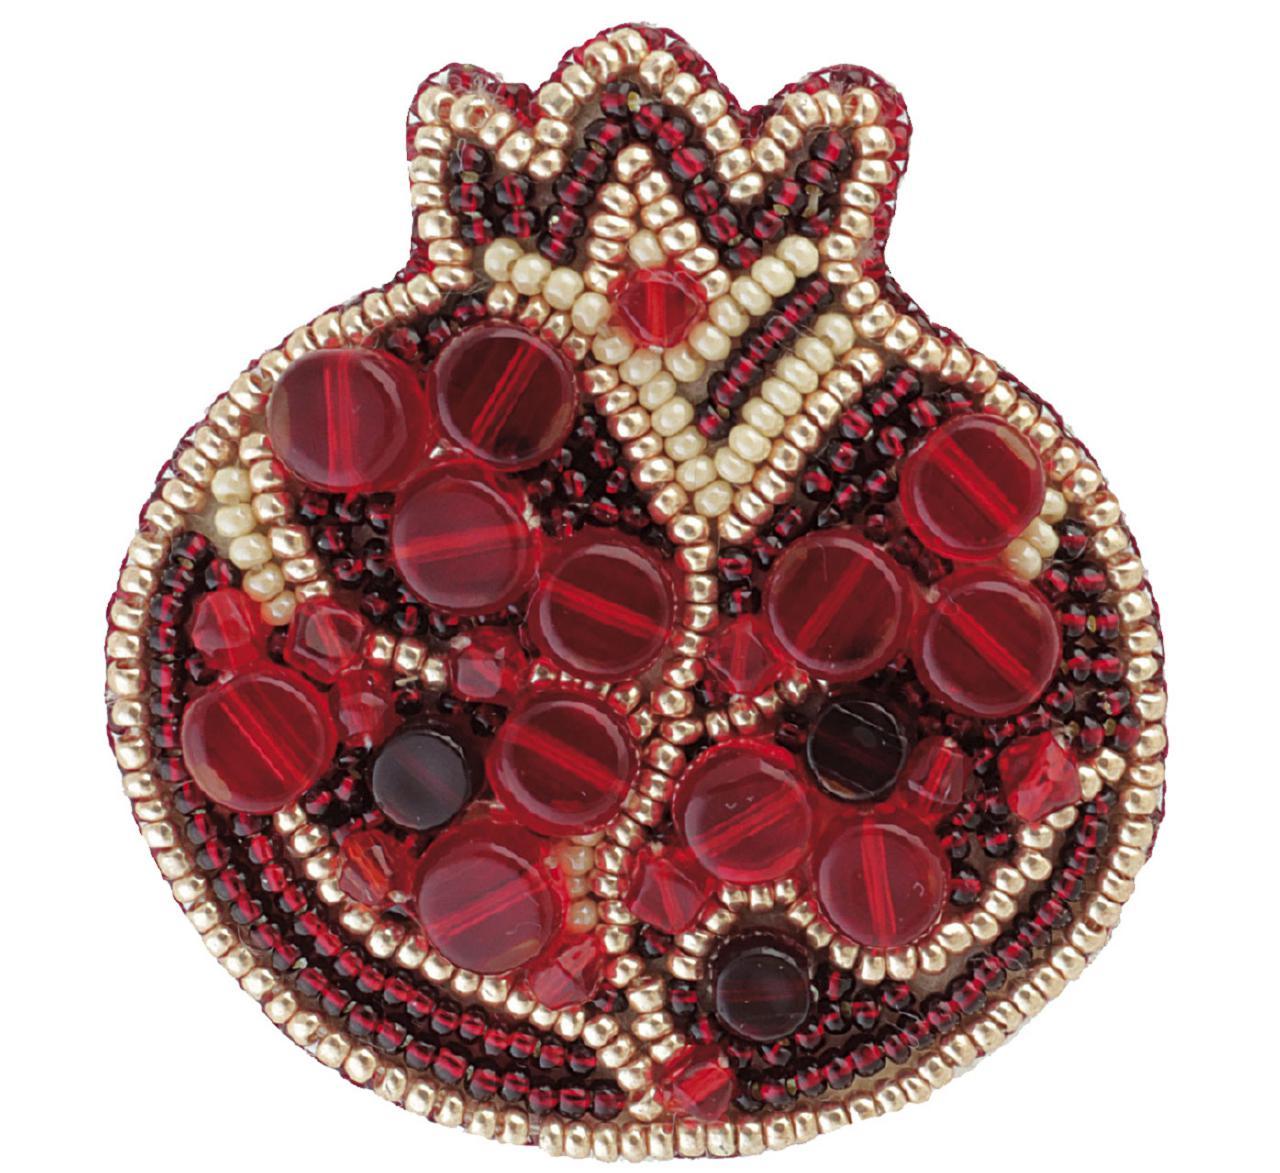 БП-183 Набор для изготовления броши Crystal Art Гранат купить в Беларуси